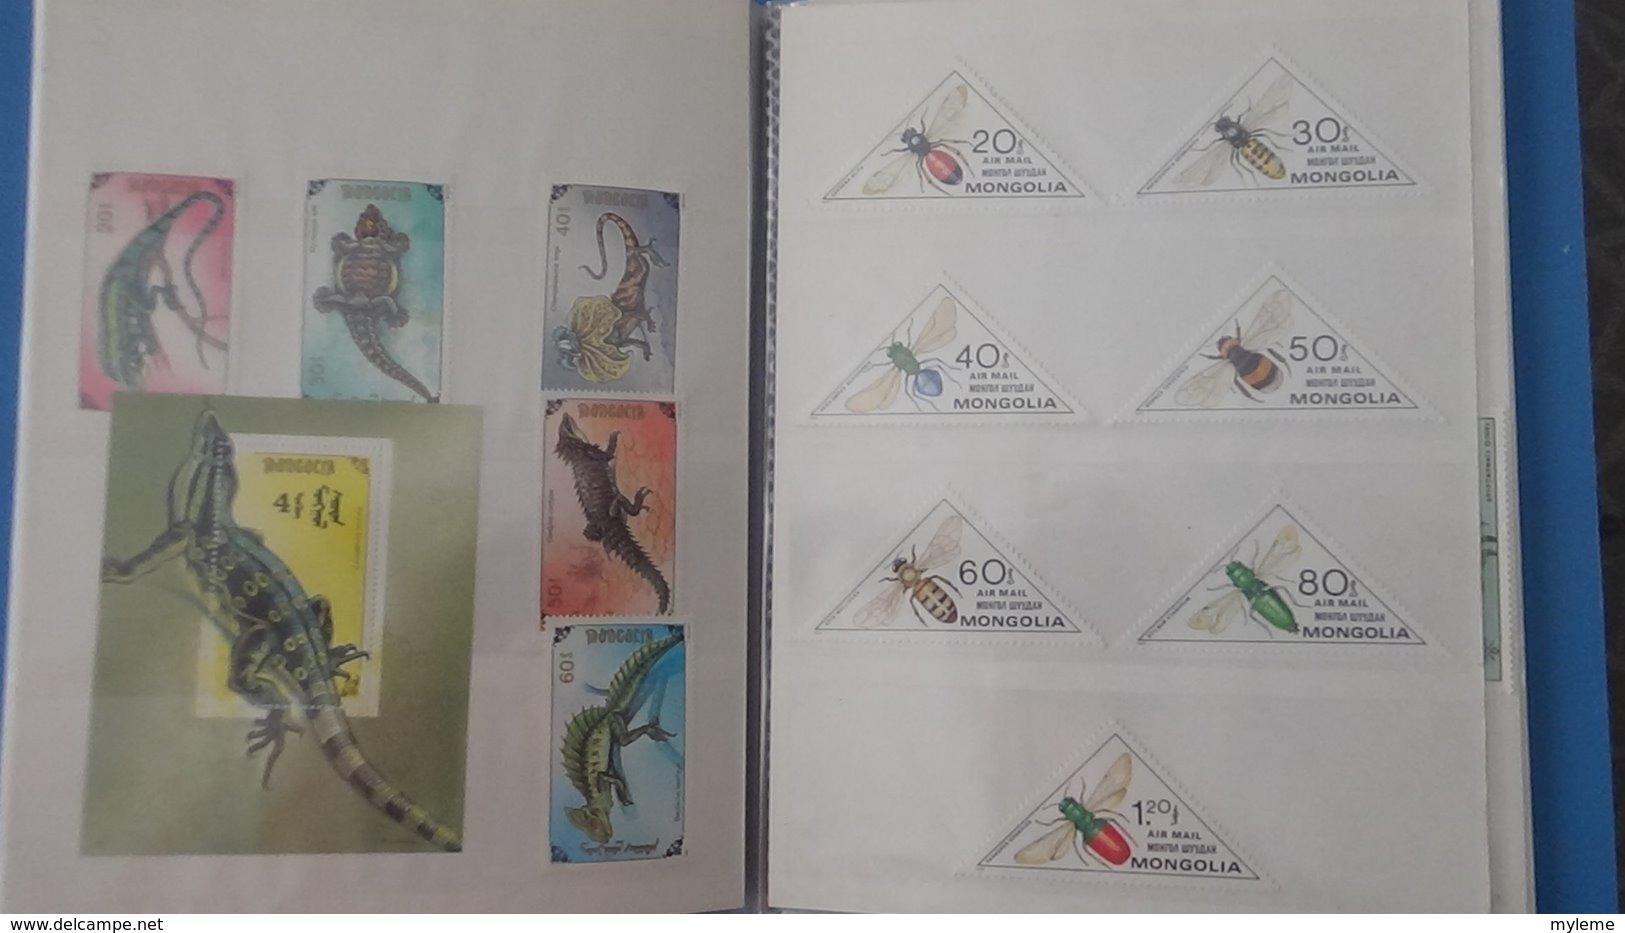 Petite Collection De MONGOLIE En Timbres Et Blocs ** Dans 3 Carnets . A Saisir !!! - Collections (with Albums)